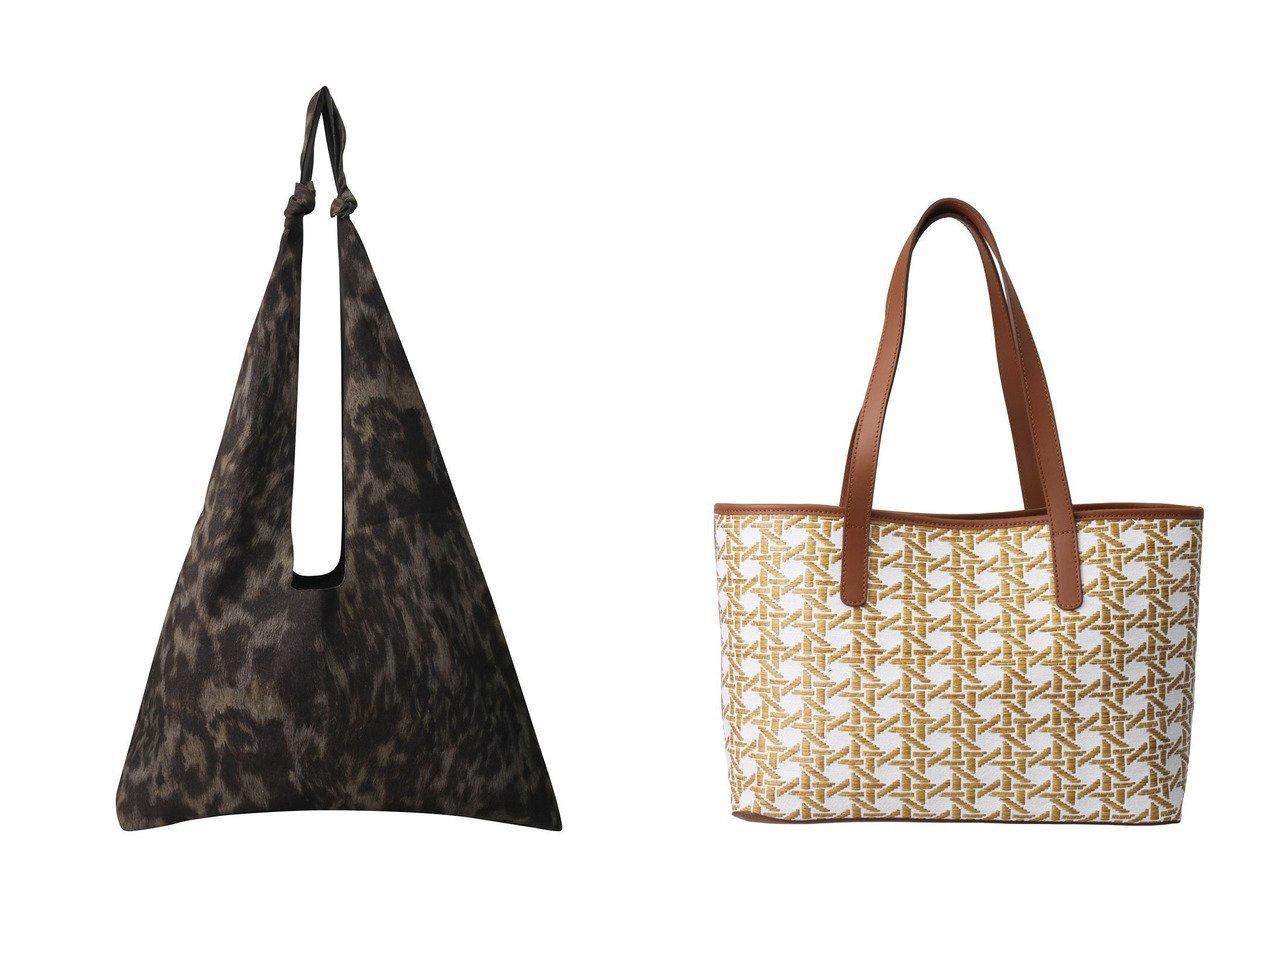 【Whim Gazette/ウィムガゼット】のハイエナプリントバッグ&【ANAYI/アナイ】のI トートBAG 【バッグ・鞄】おすすめ!人気、トレンド・レディースファッションの通販 おすすめで人気の流行・トレンド、ファッションの通販商品 インテリア・家具・メンズファッション・キッズファッション・レディースファッション・服の通販 founy(ファニー) https://founy.com/ ファッション Fashion レディースファッション WOMEN バッグ Bag タンブラー リネン シンプル パイピング パターン フォルム  ID:crp329100000048171